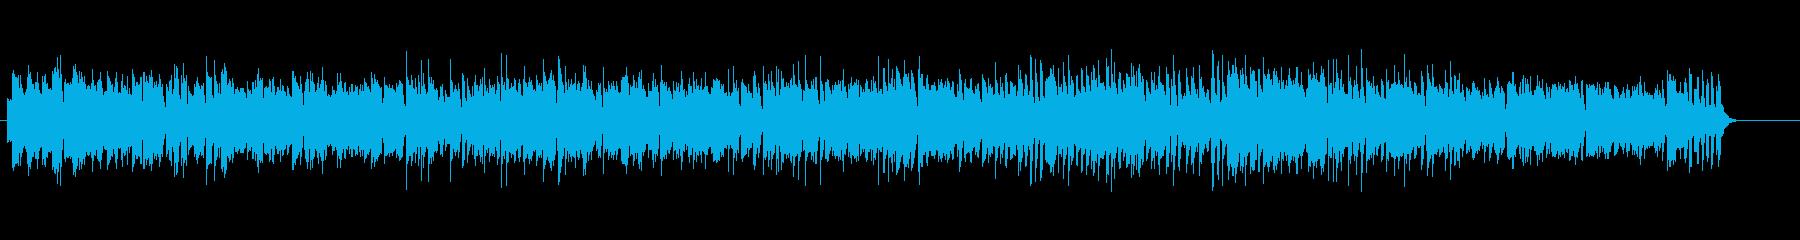 ボサノバ風味のギター・アンサンブルの再生済みの波形